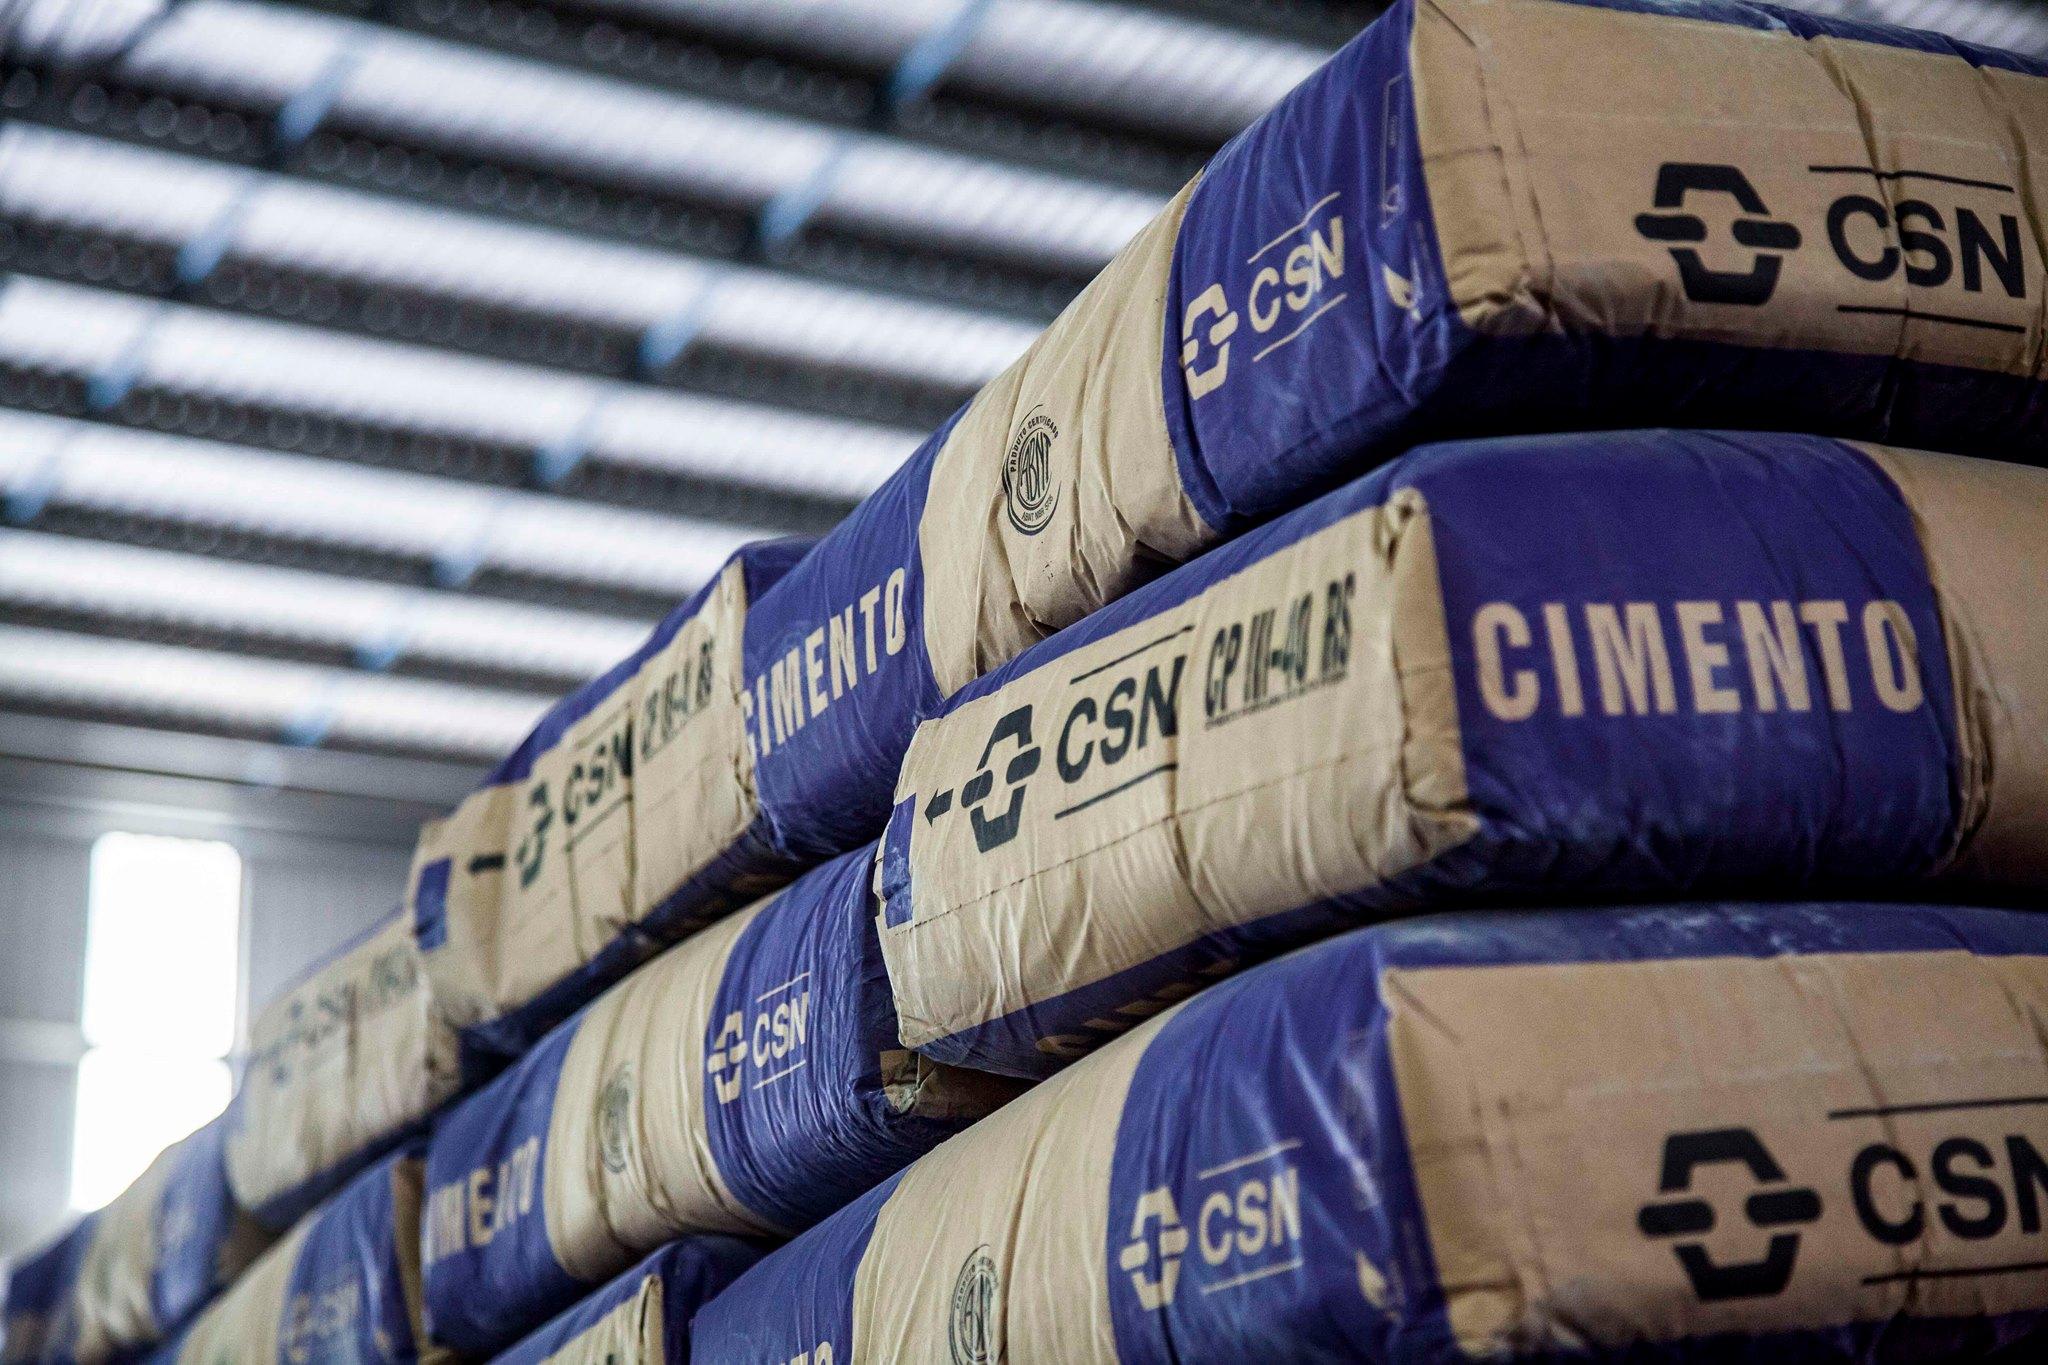 CSN – fábrica – cimento